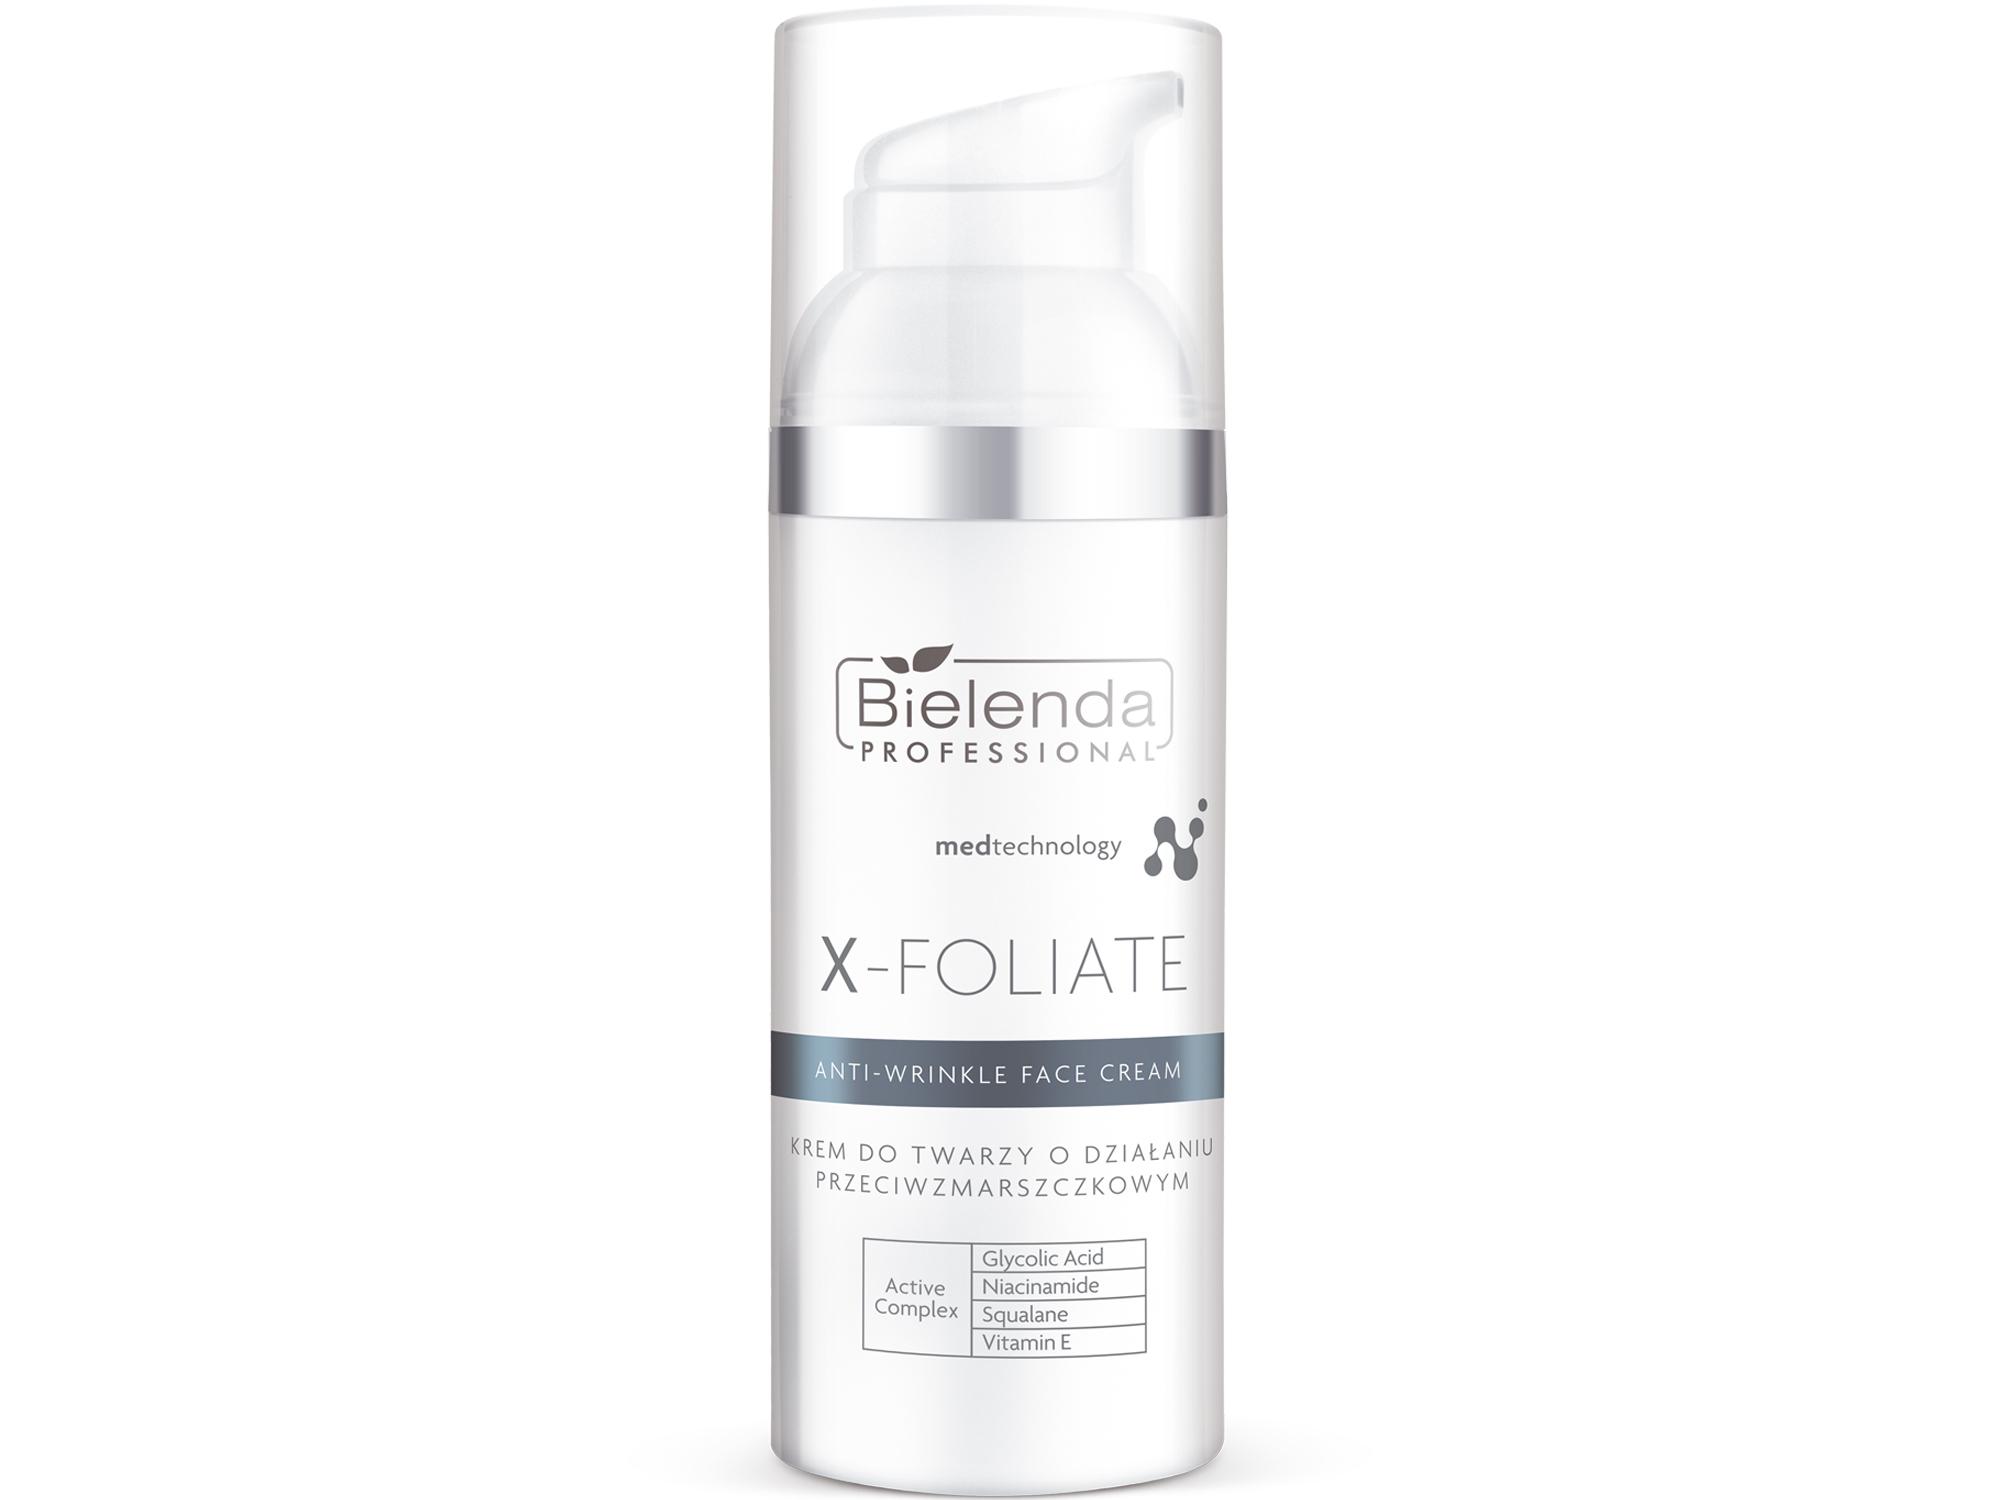 X-FOLIATE Anti Wrinkle Крем для лица с кислотами с мощным лифтинг эффектом